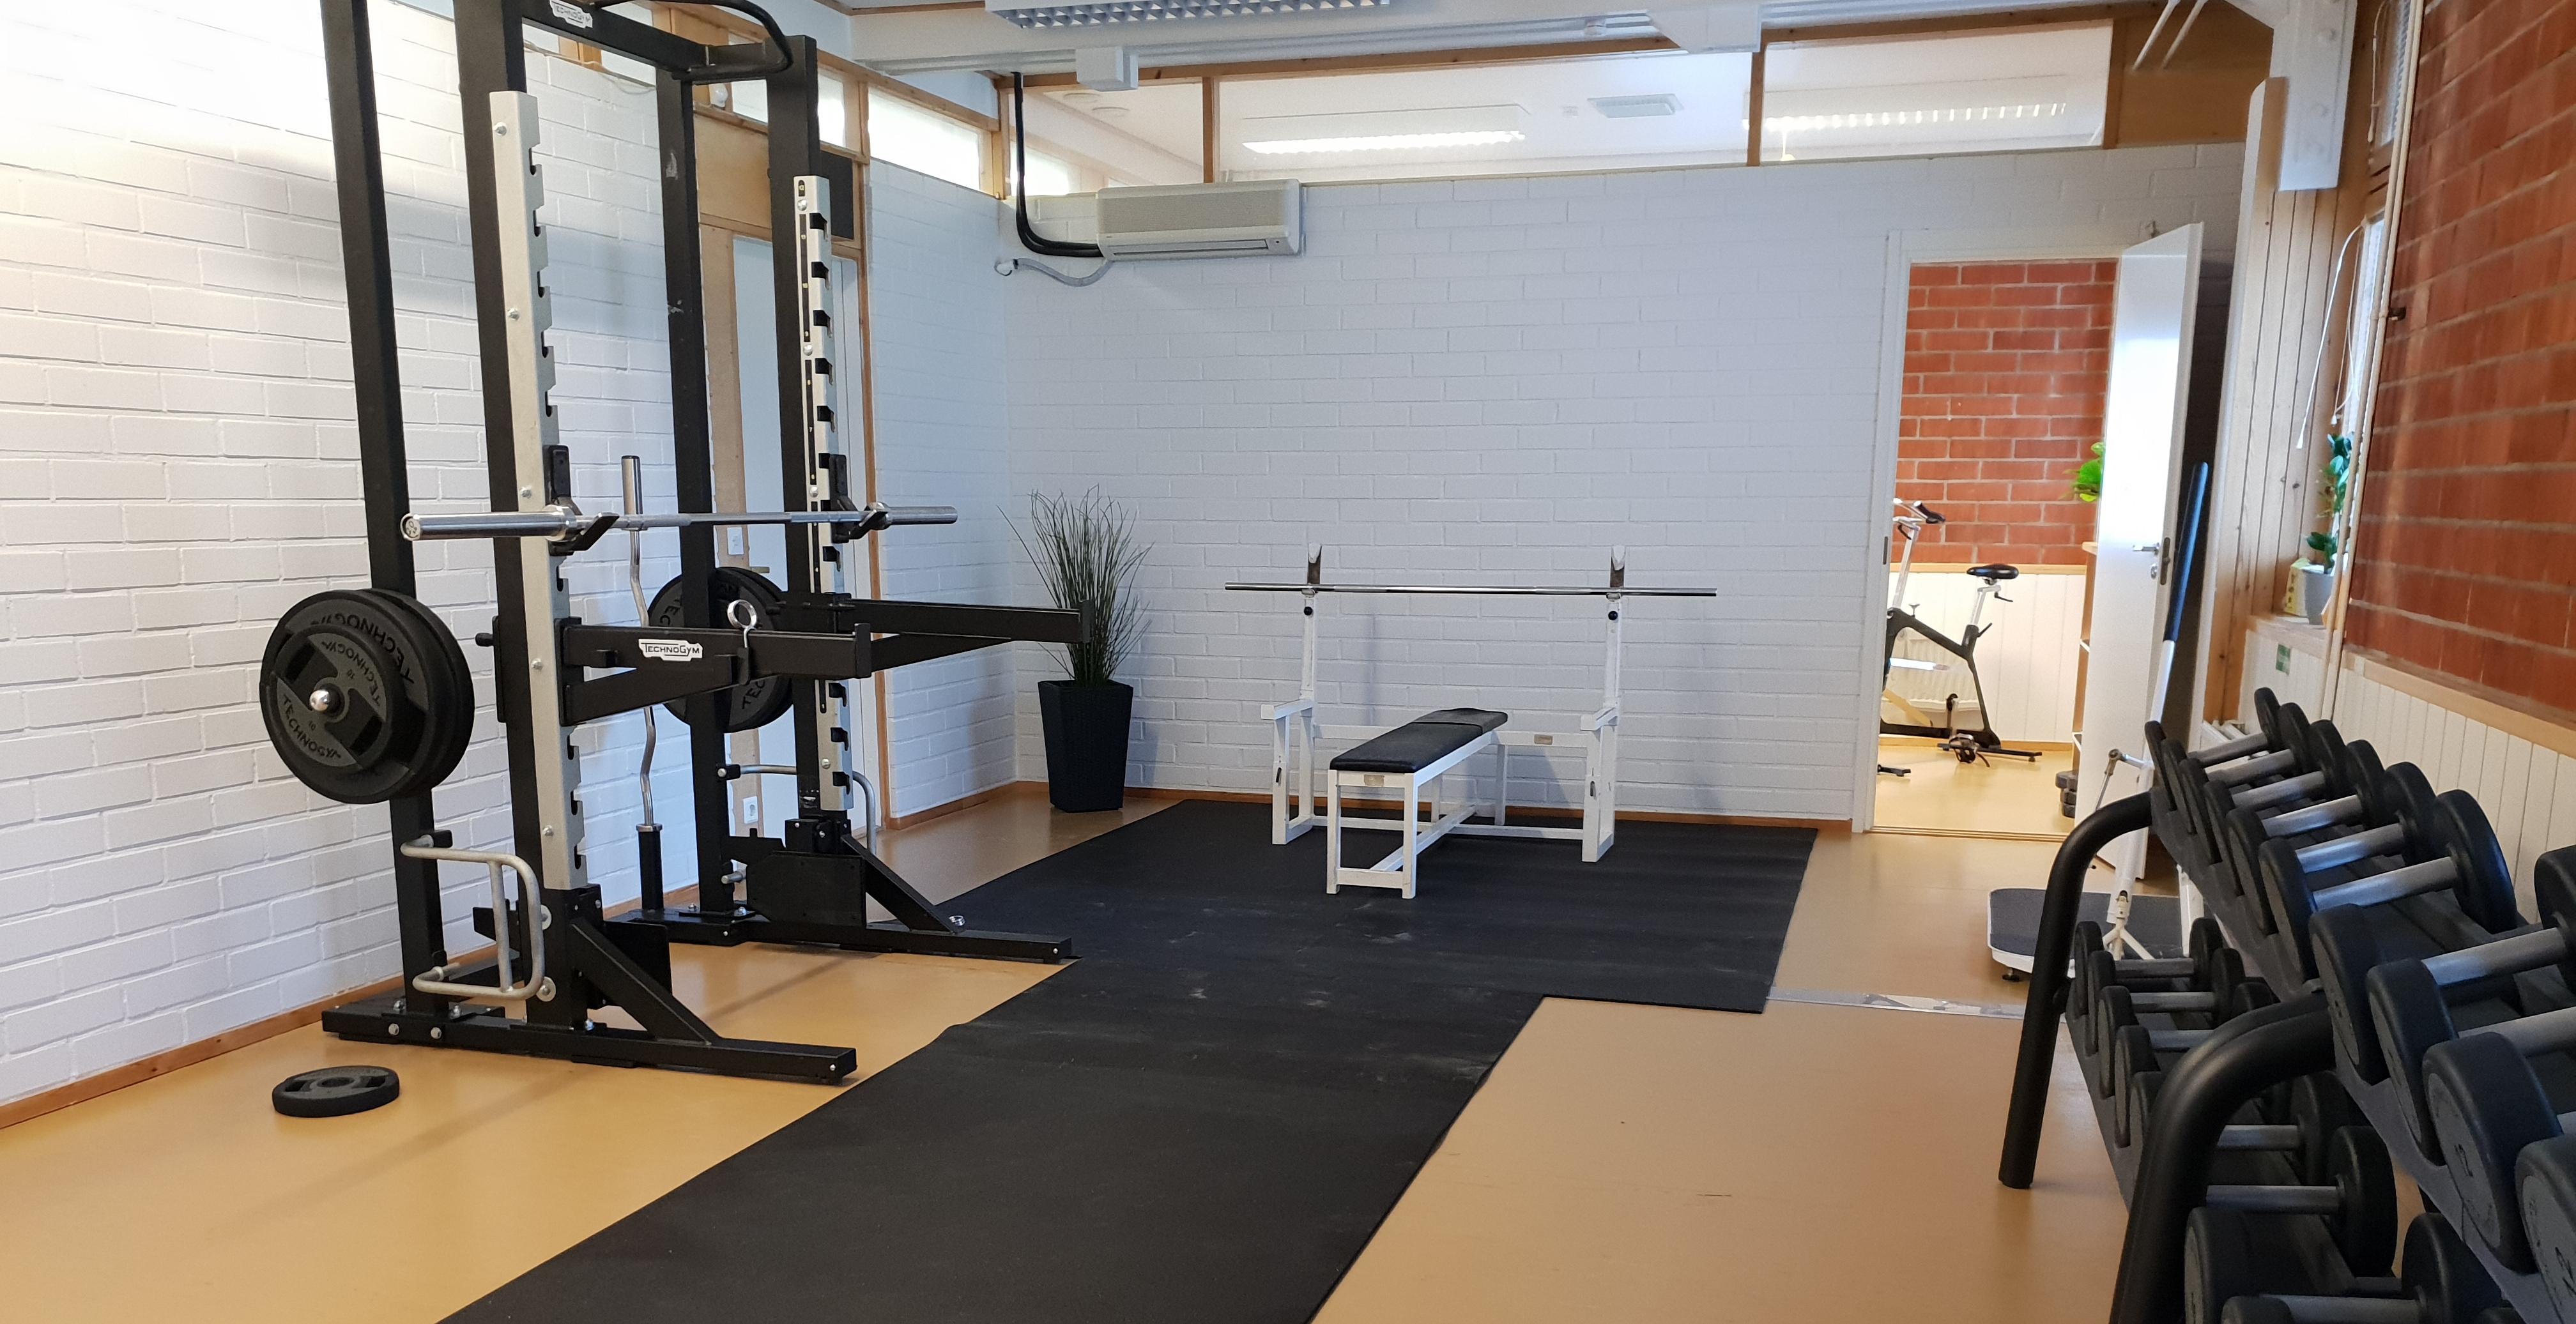 Korsnäs gym